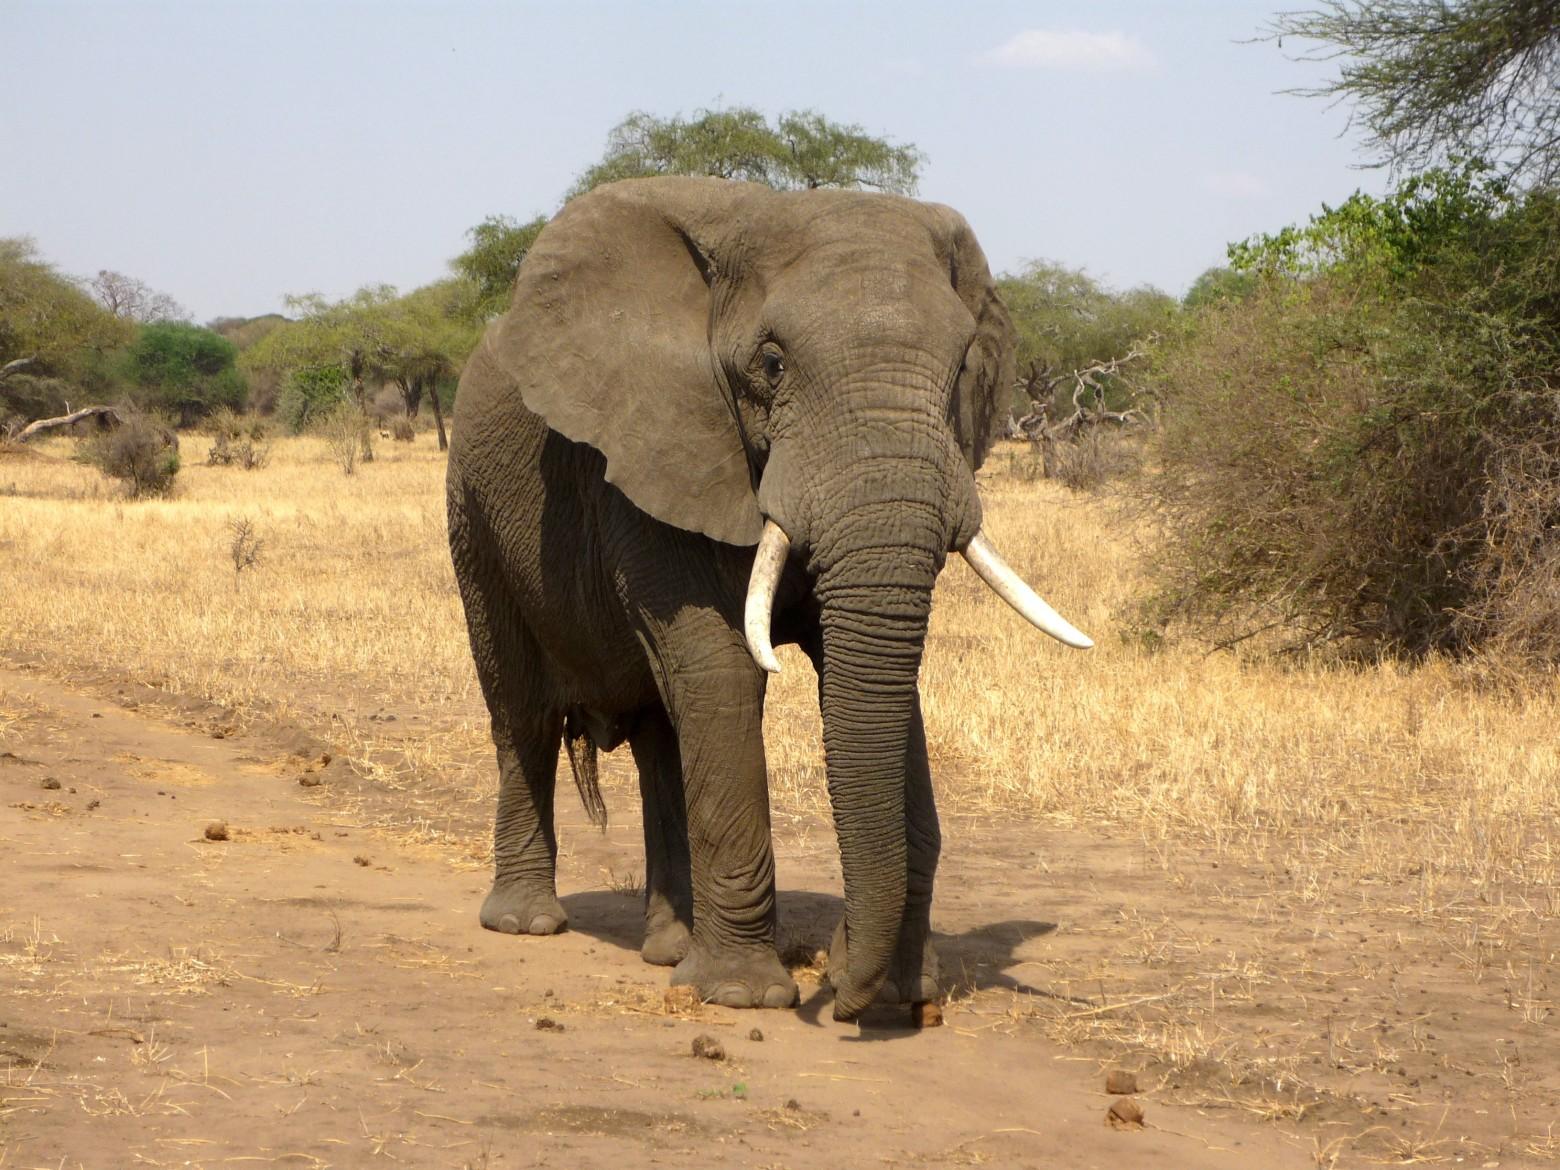 L phant d 39 afrique savane images photos gratuites images gratuites et libres de droits - Photos d elephants gratuites ...